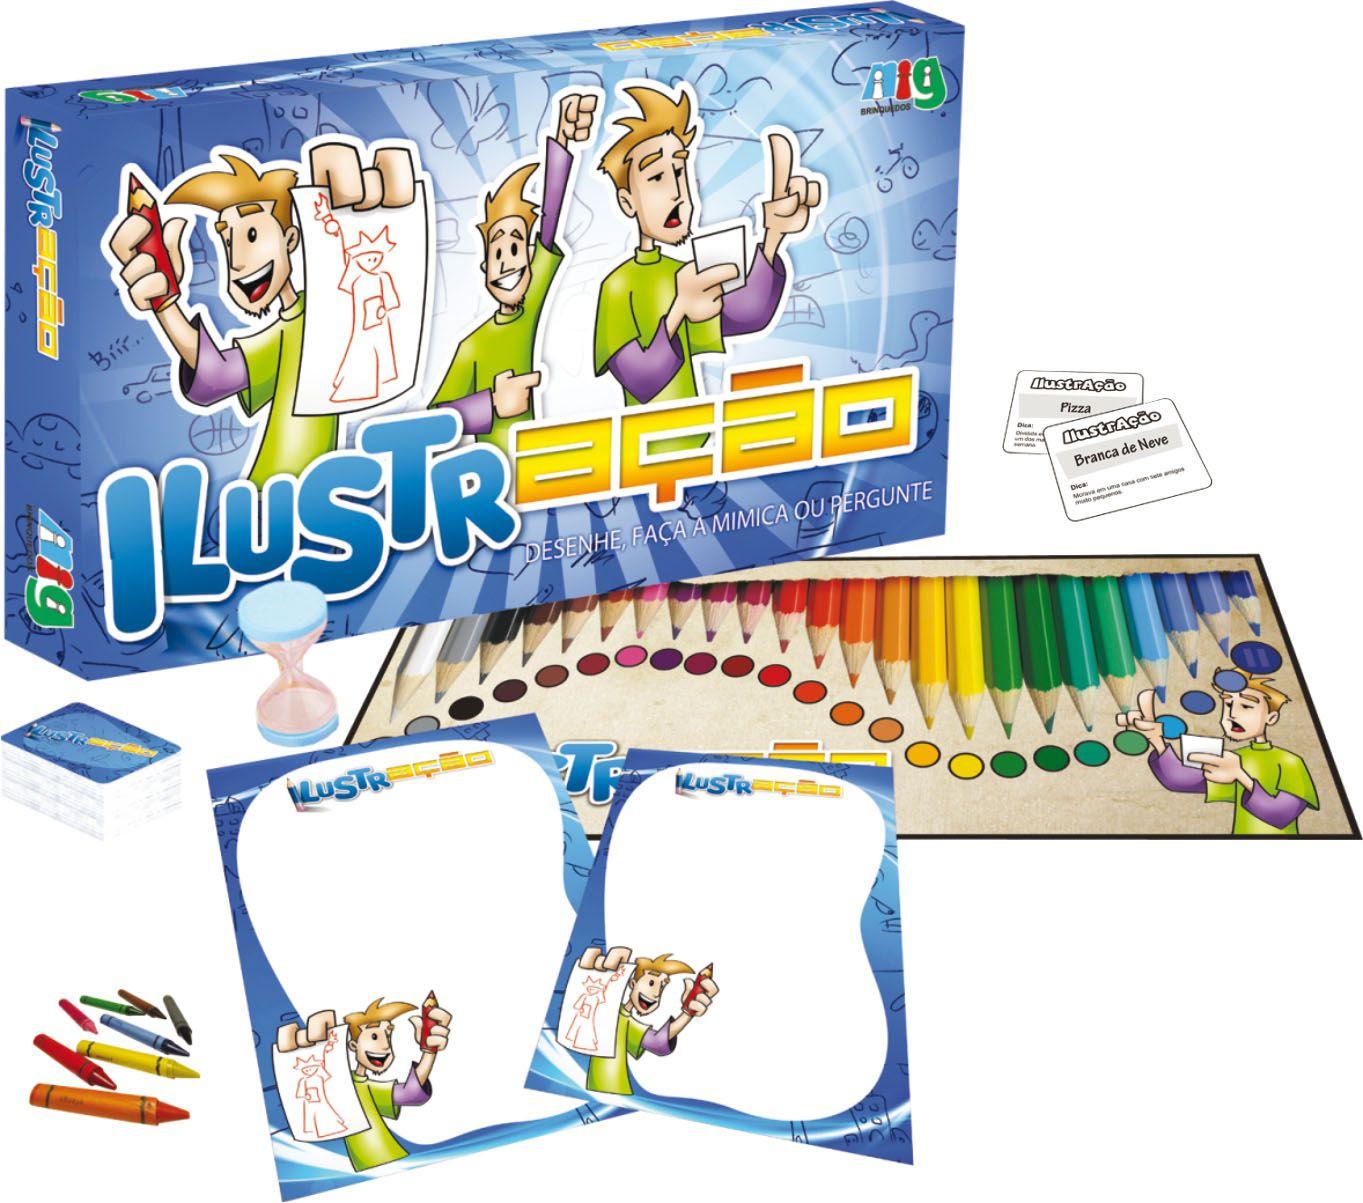 Jogo IlustrAção - Nig Brinquedos